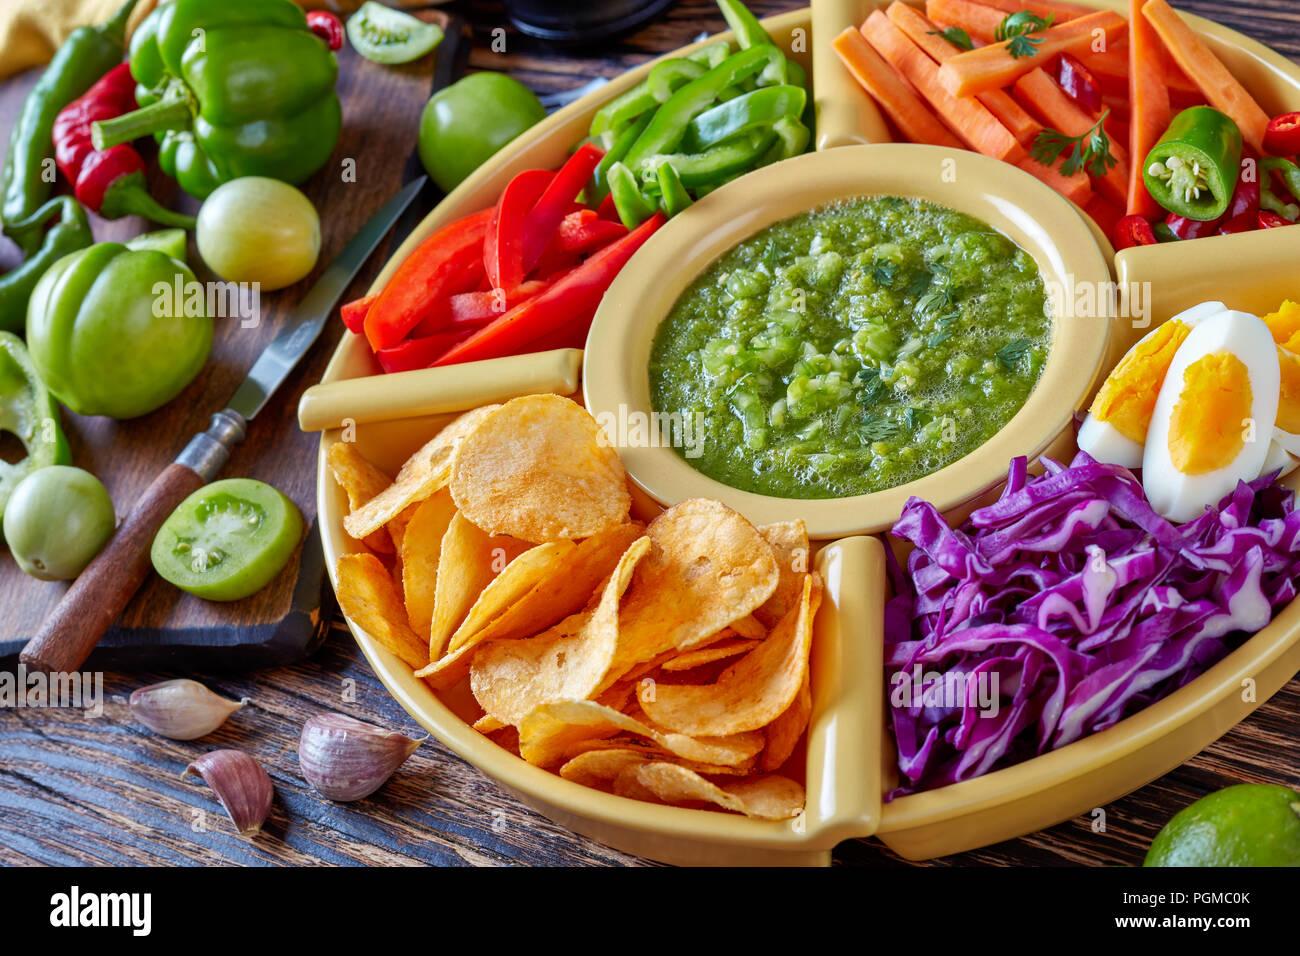 Green salsa verde mexicana y conjunto de verduras frescas picadas, huevos duros y patatas fritas en recipientes en la antigua junta de madera rústica con ingredientes, horizo Imagen De Stock